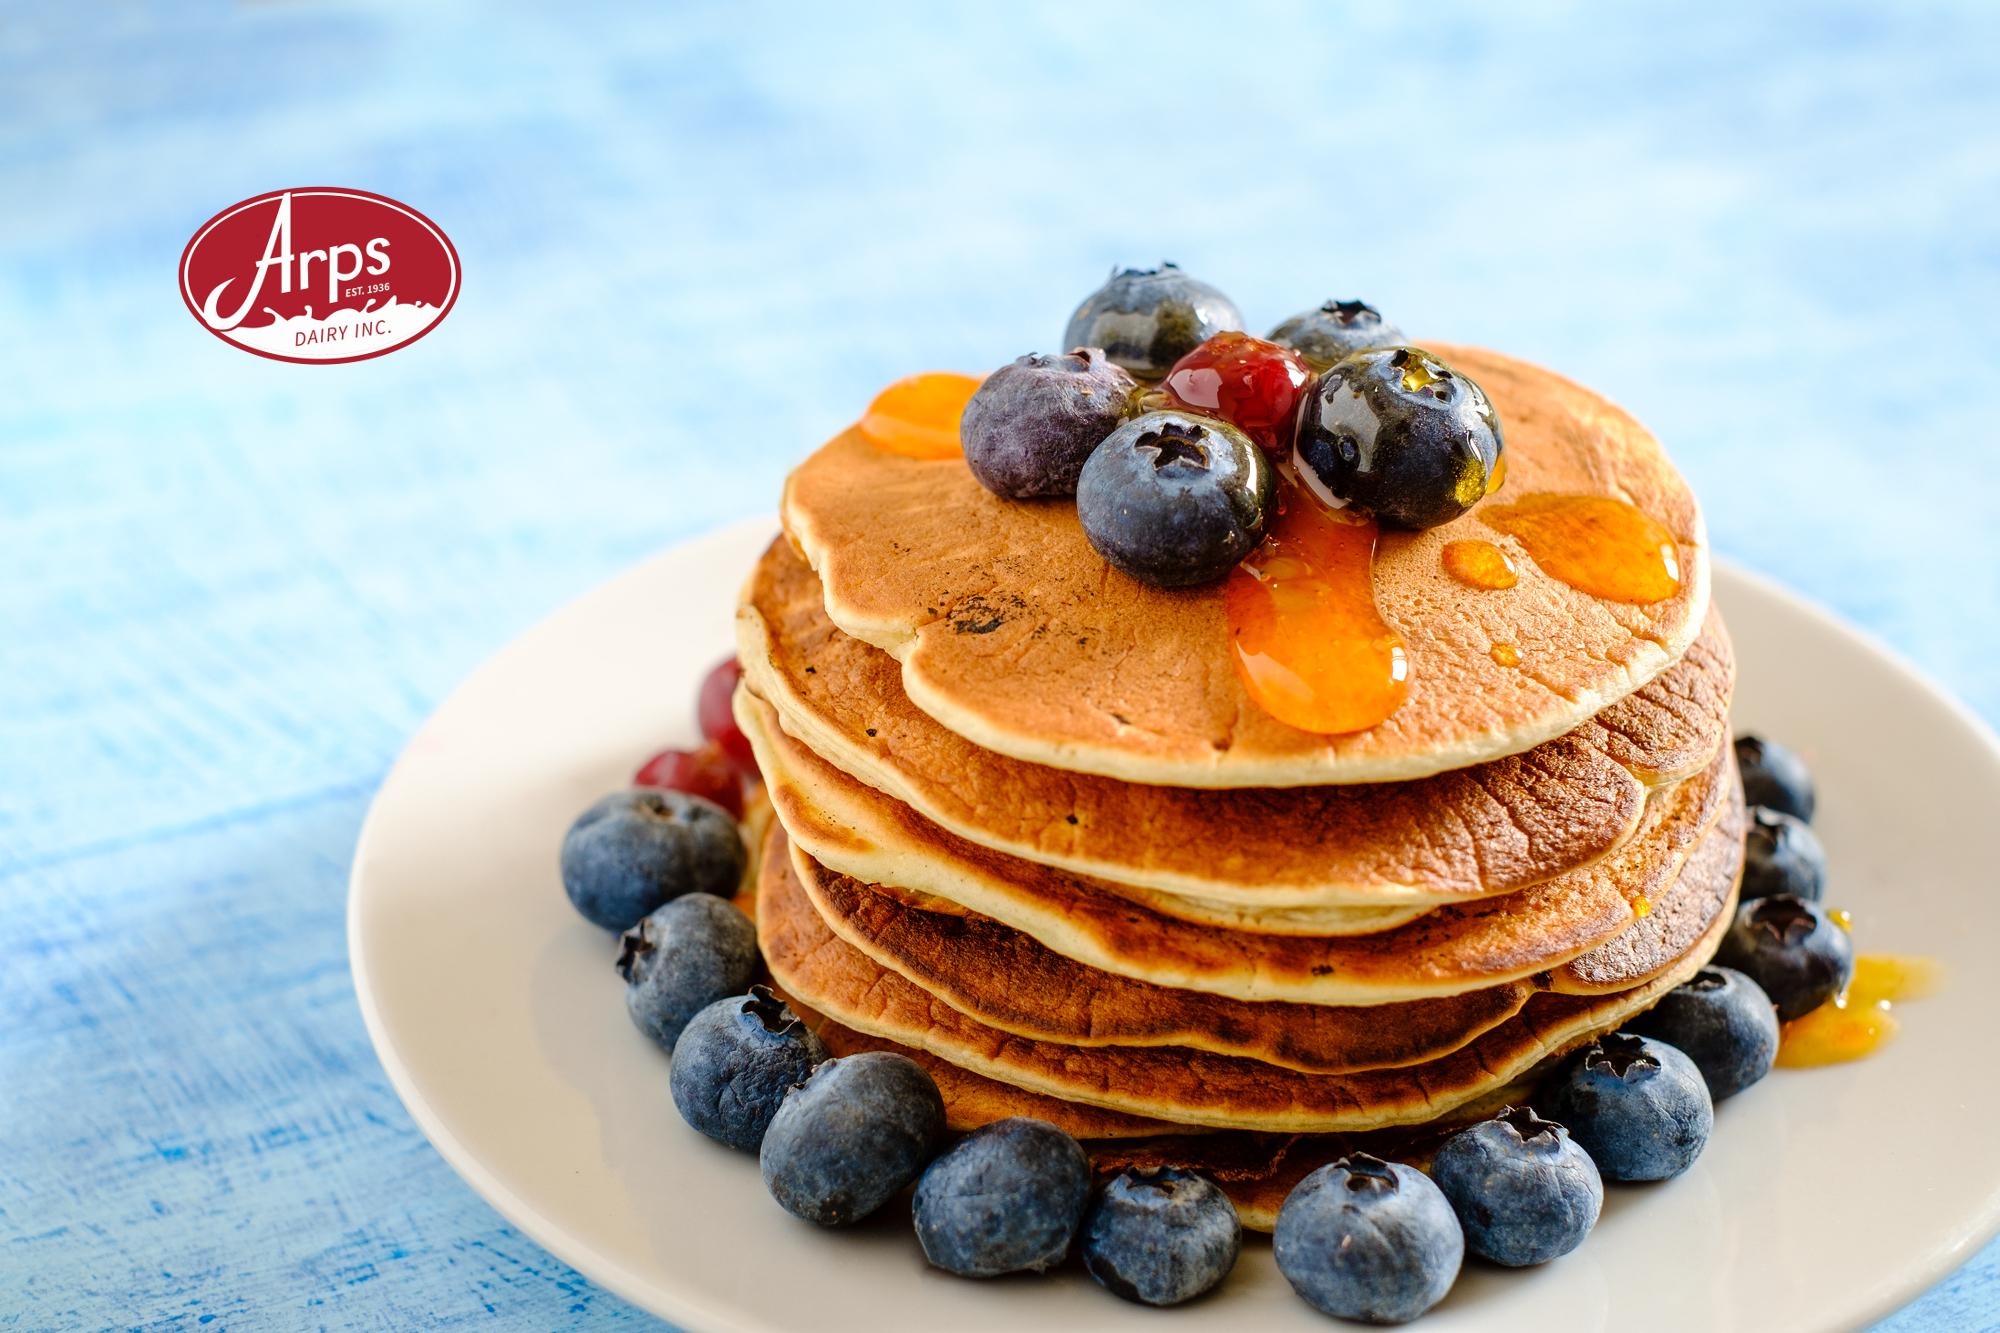 Arps Dairy Sponsors Pancake Breakfast